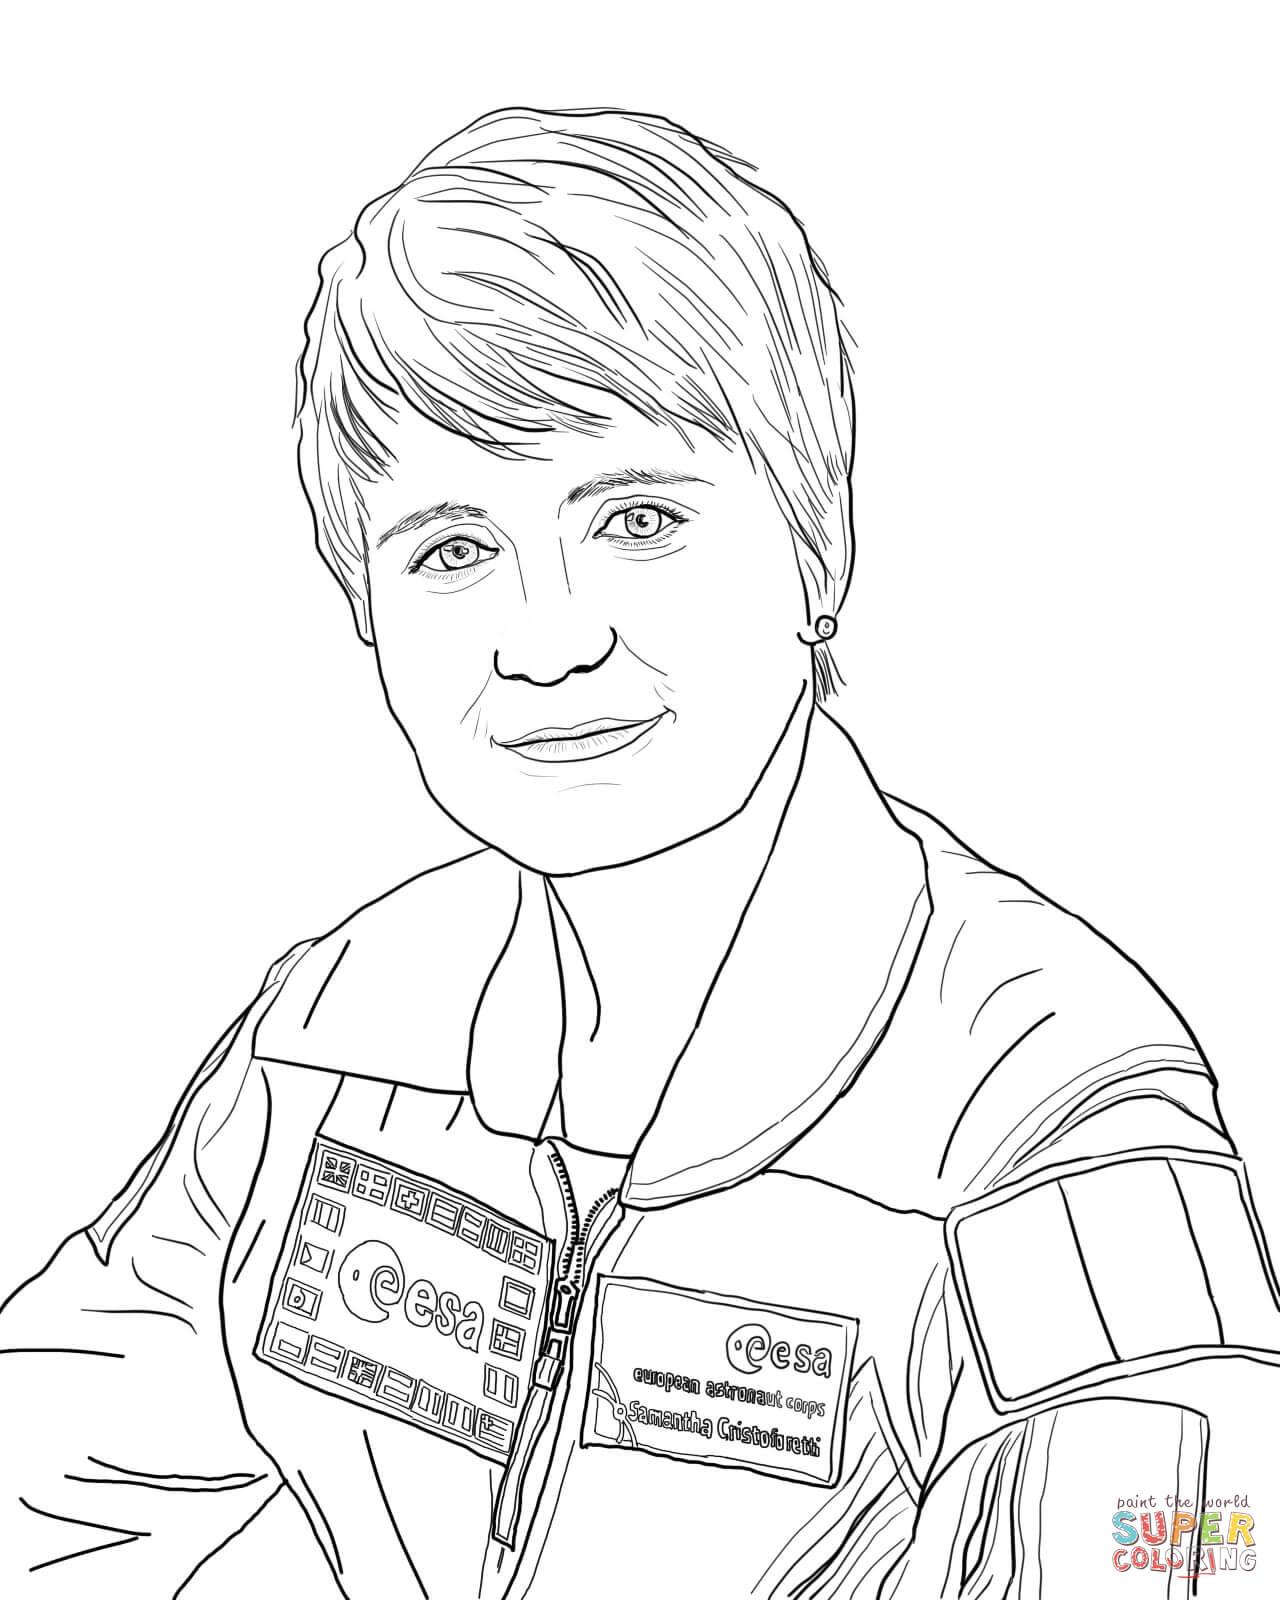 Disegno Di L Astronauta Samantha Cristoforetti Da Colorare